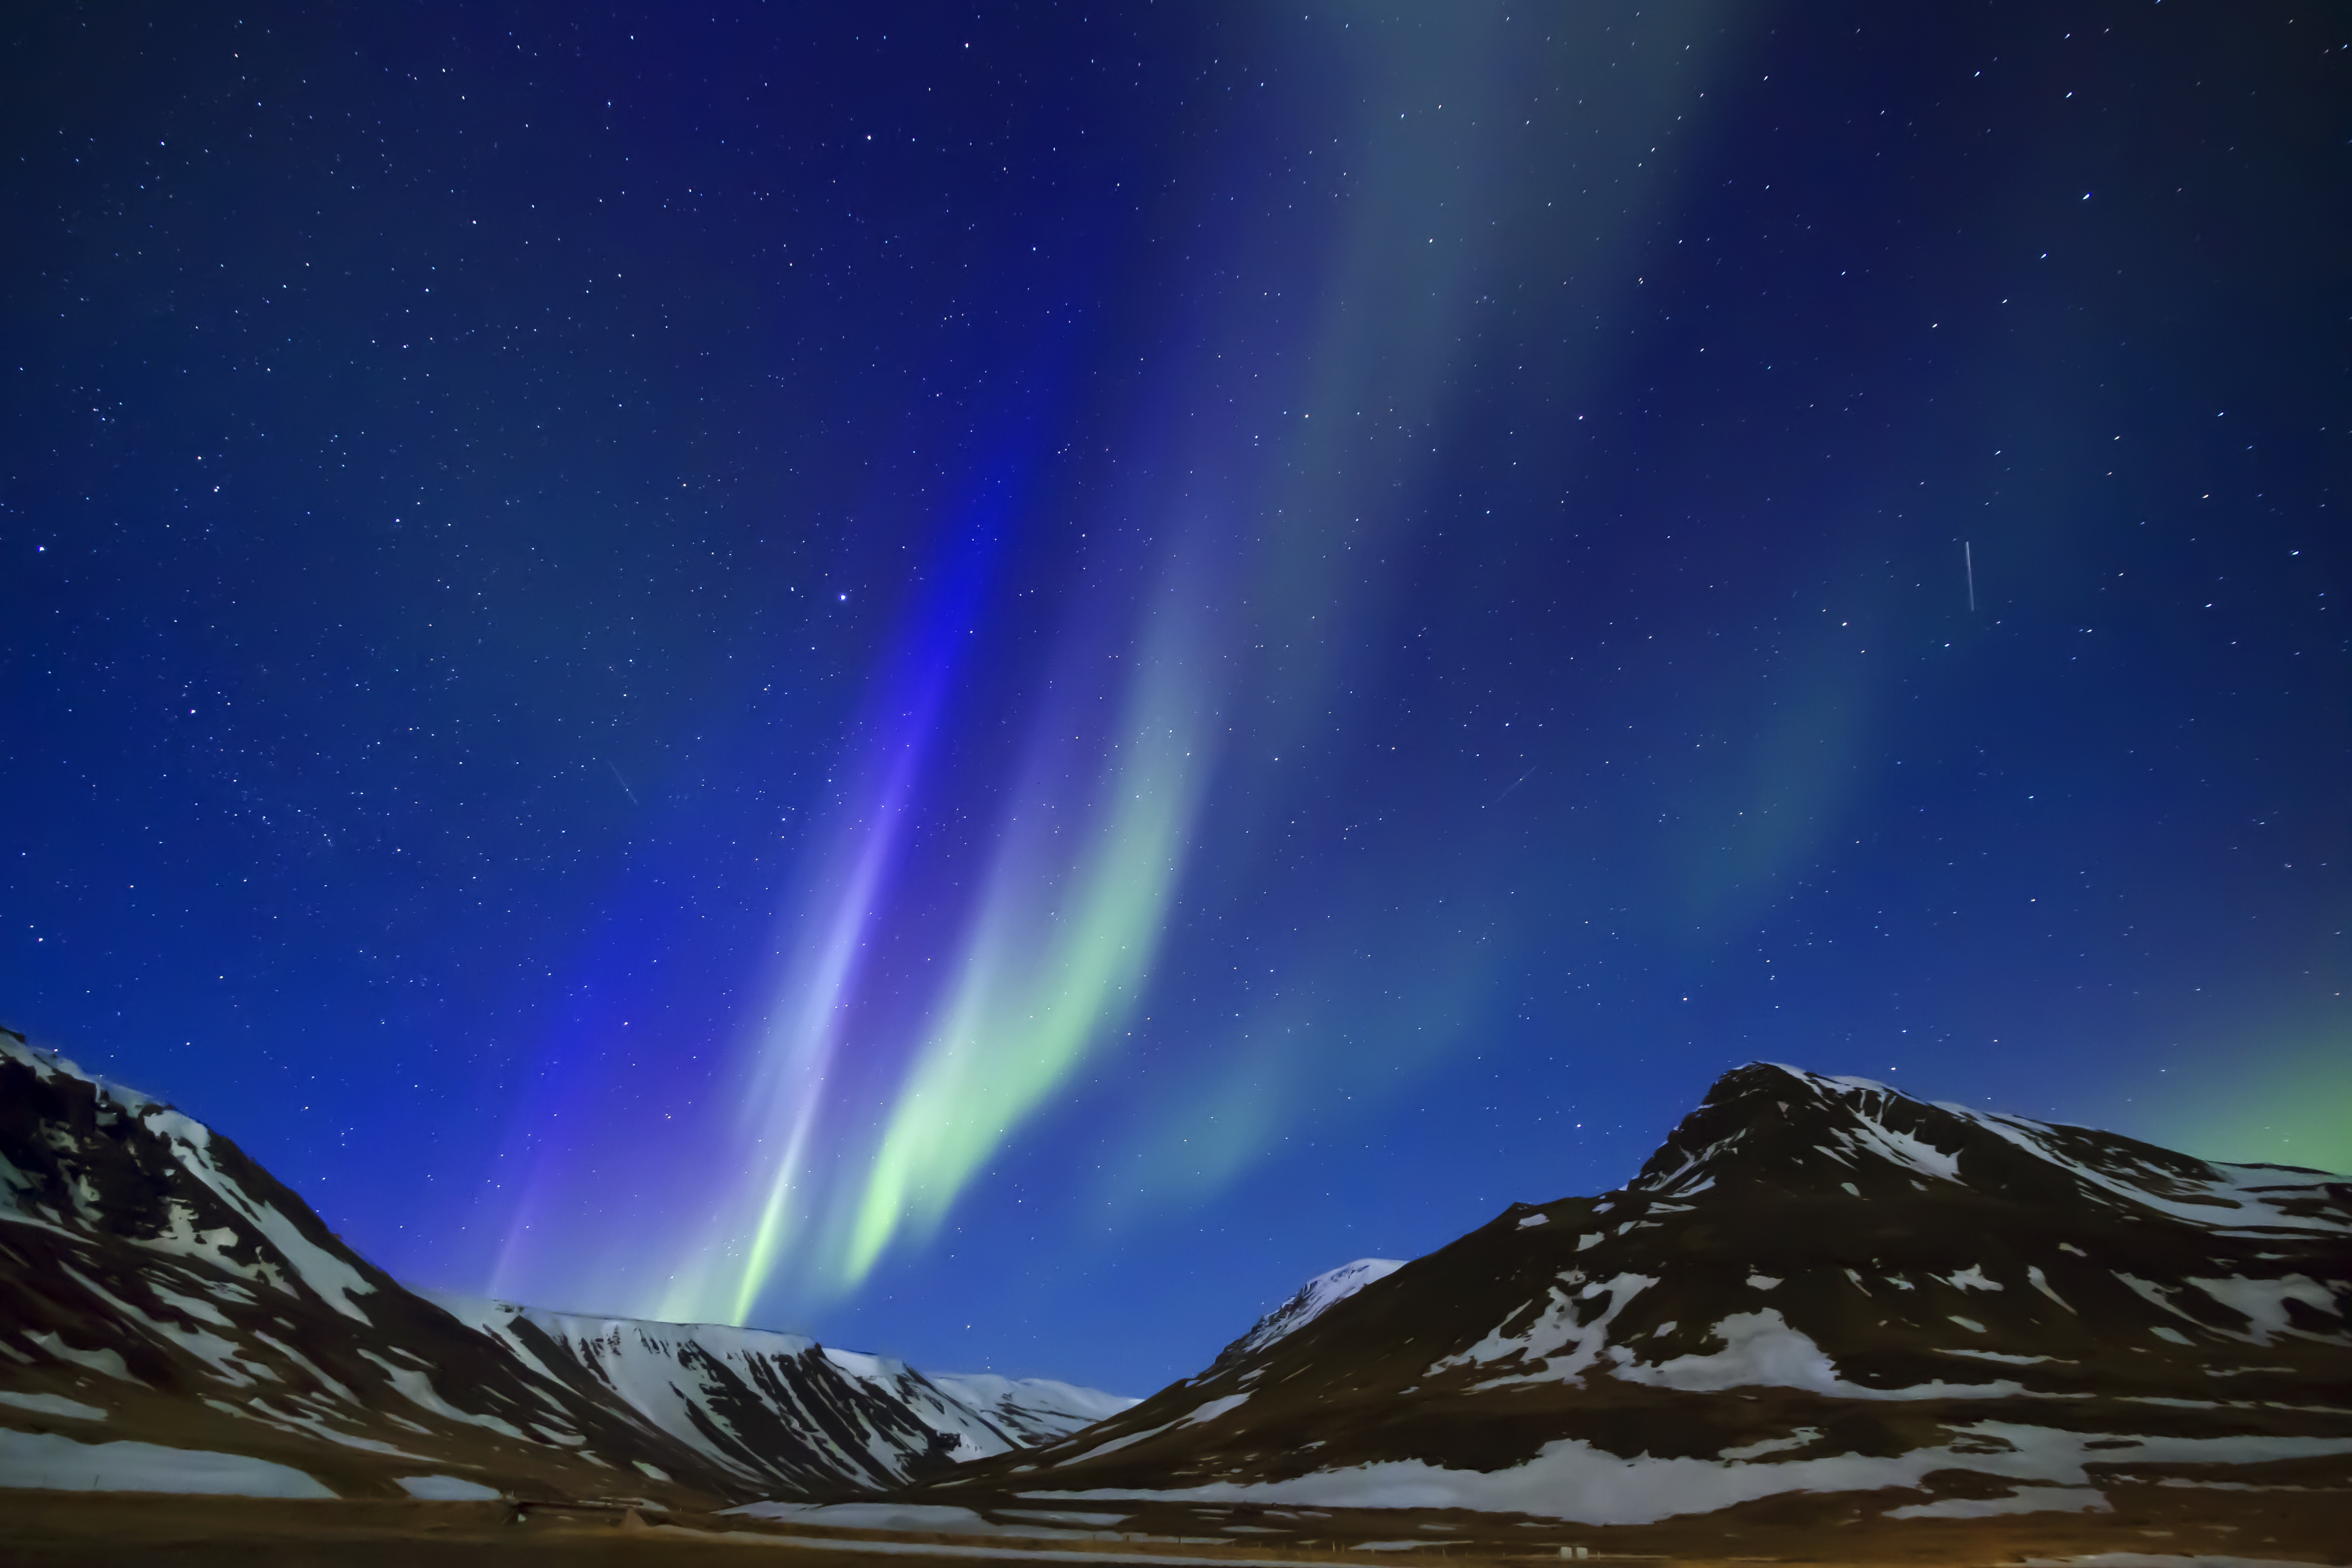 Vedere l'Aurora Boreale in Islanda è un'esperienza sovrannaturale che non vuoi perderti.